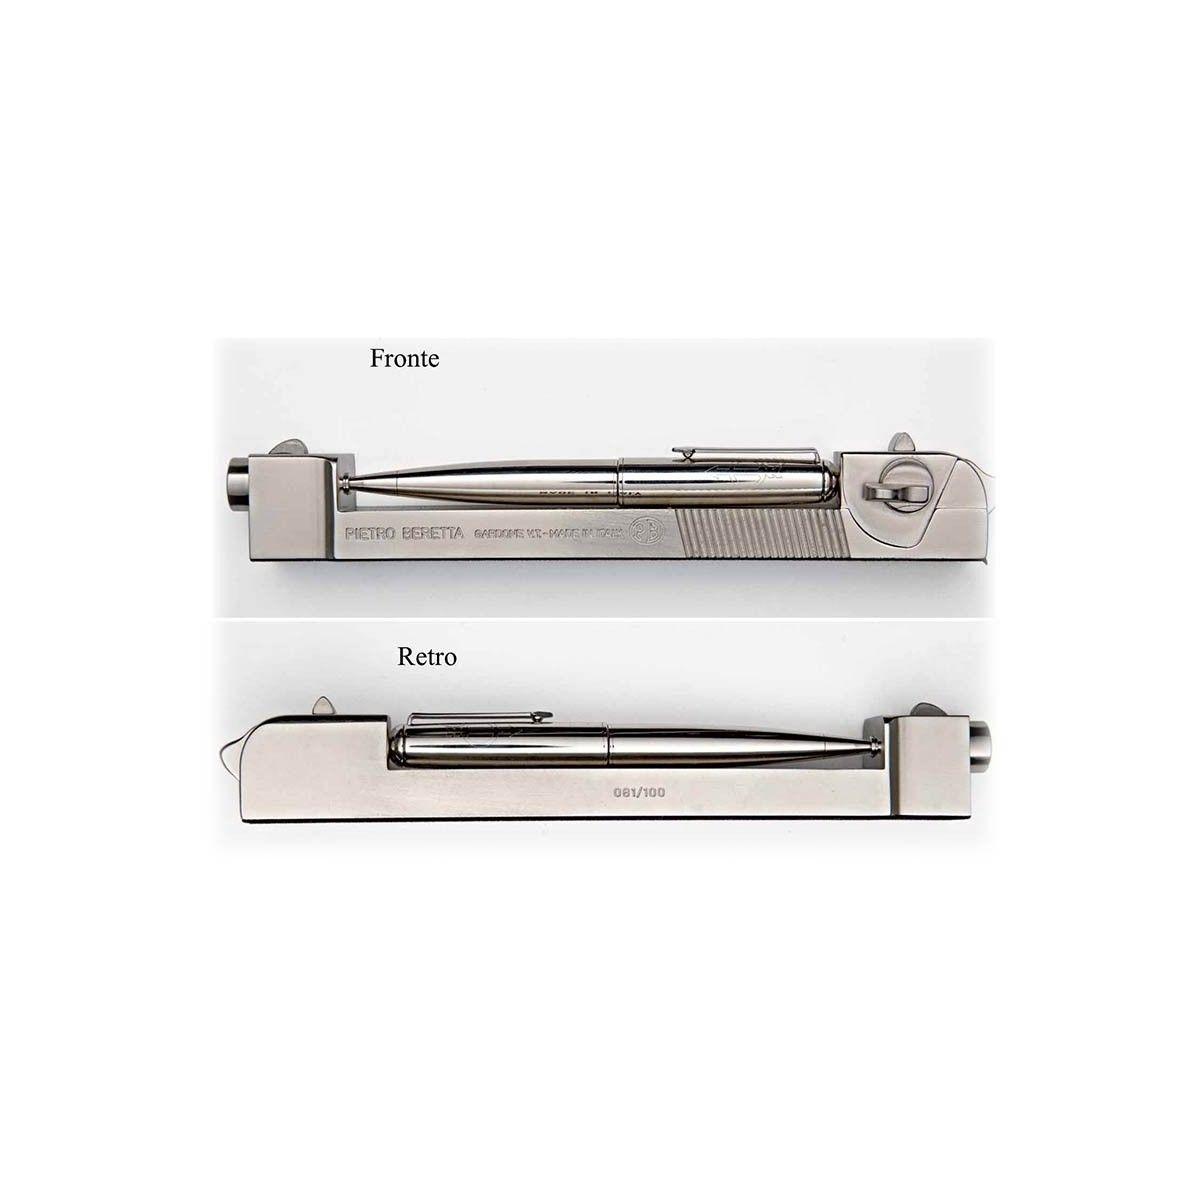 Penna pistola Beretta 92 realizzata da Maurizio Abrami per Beretta